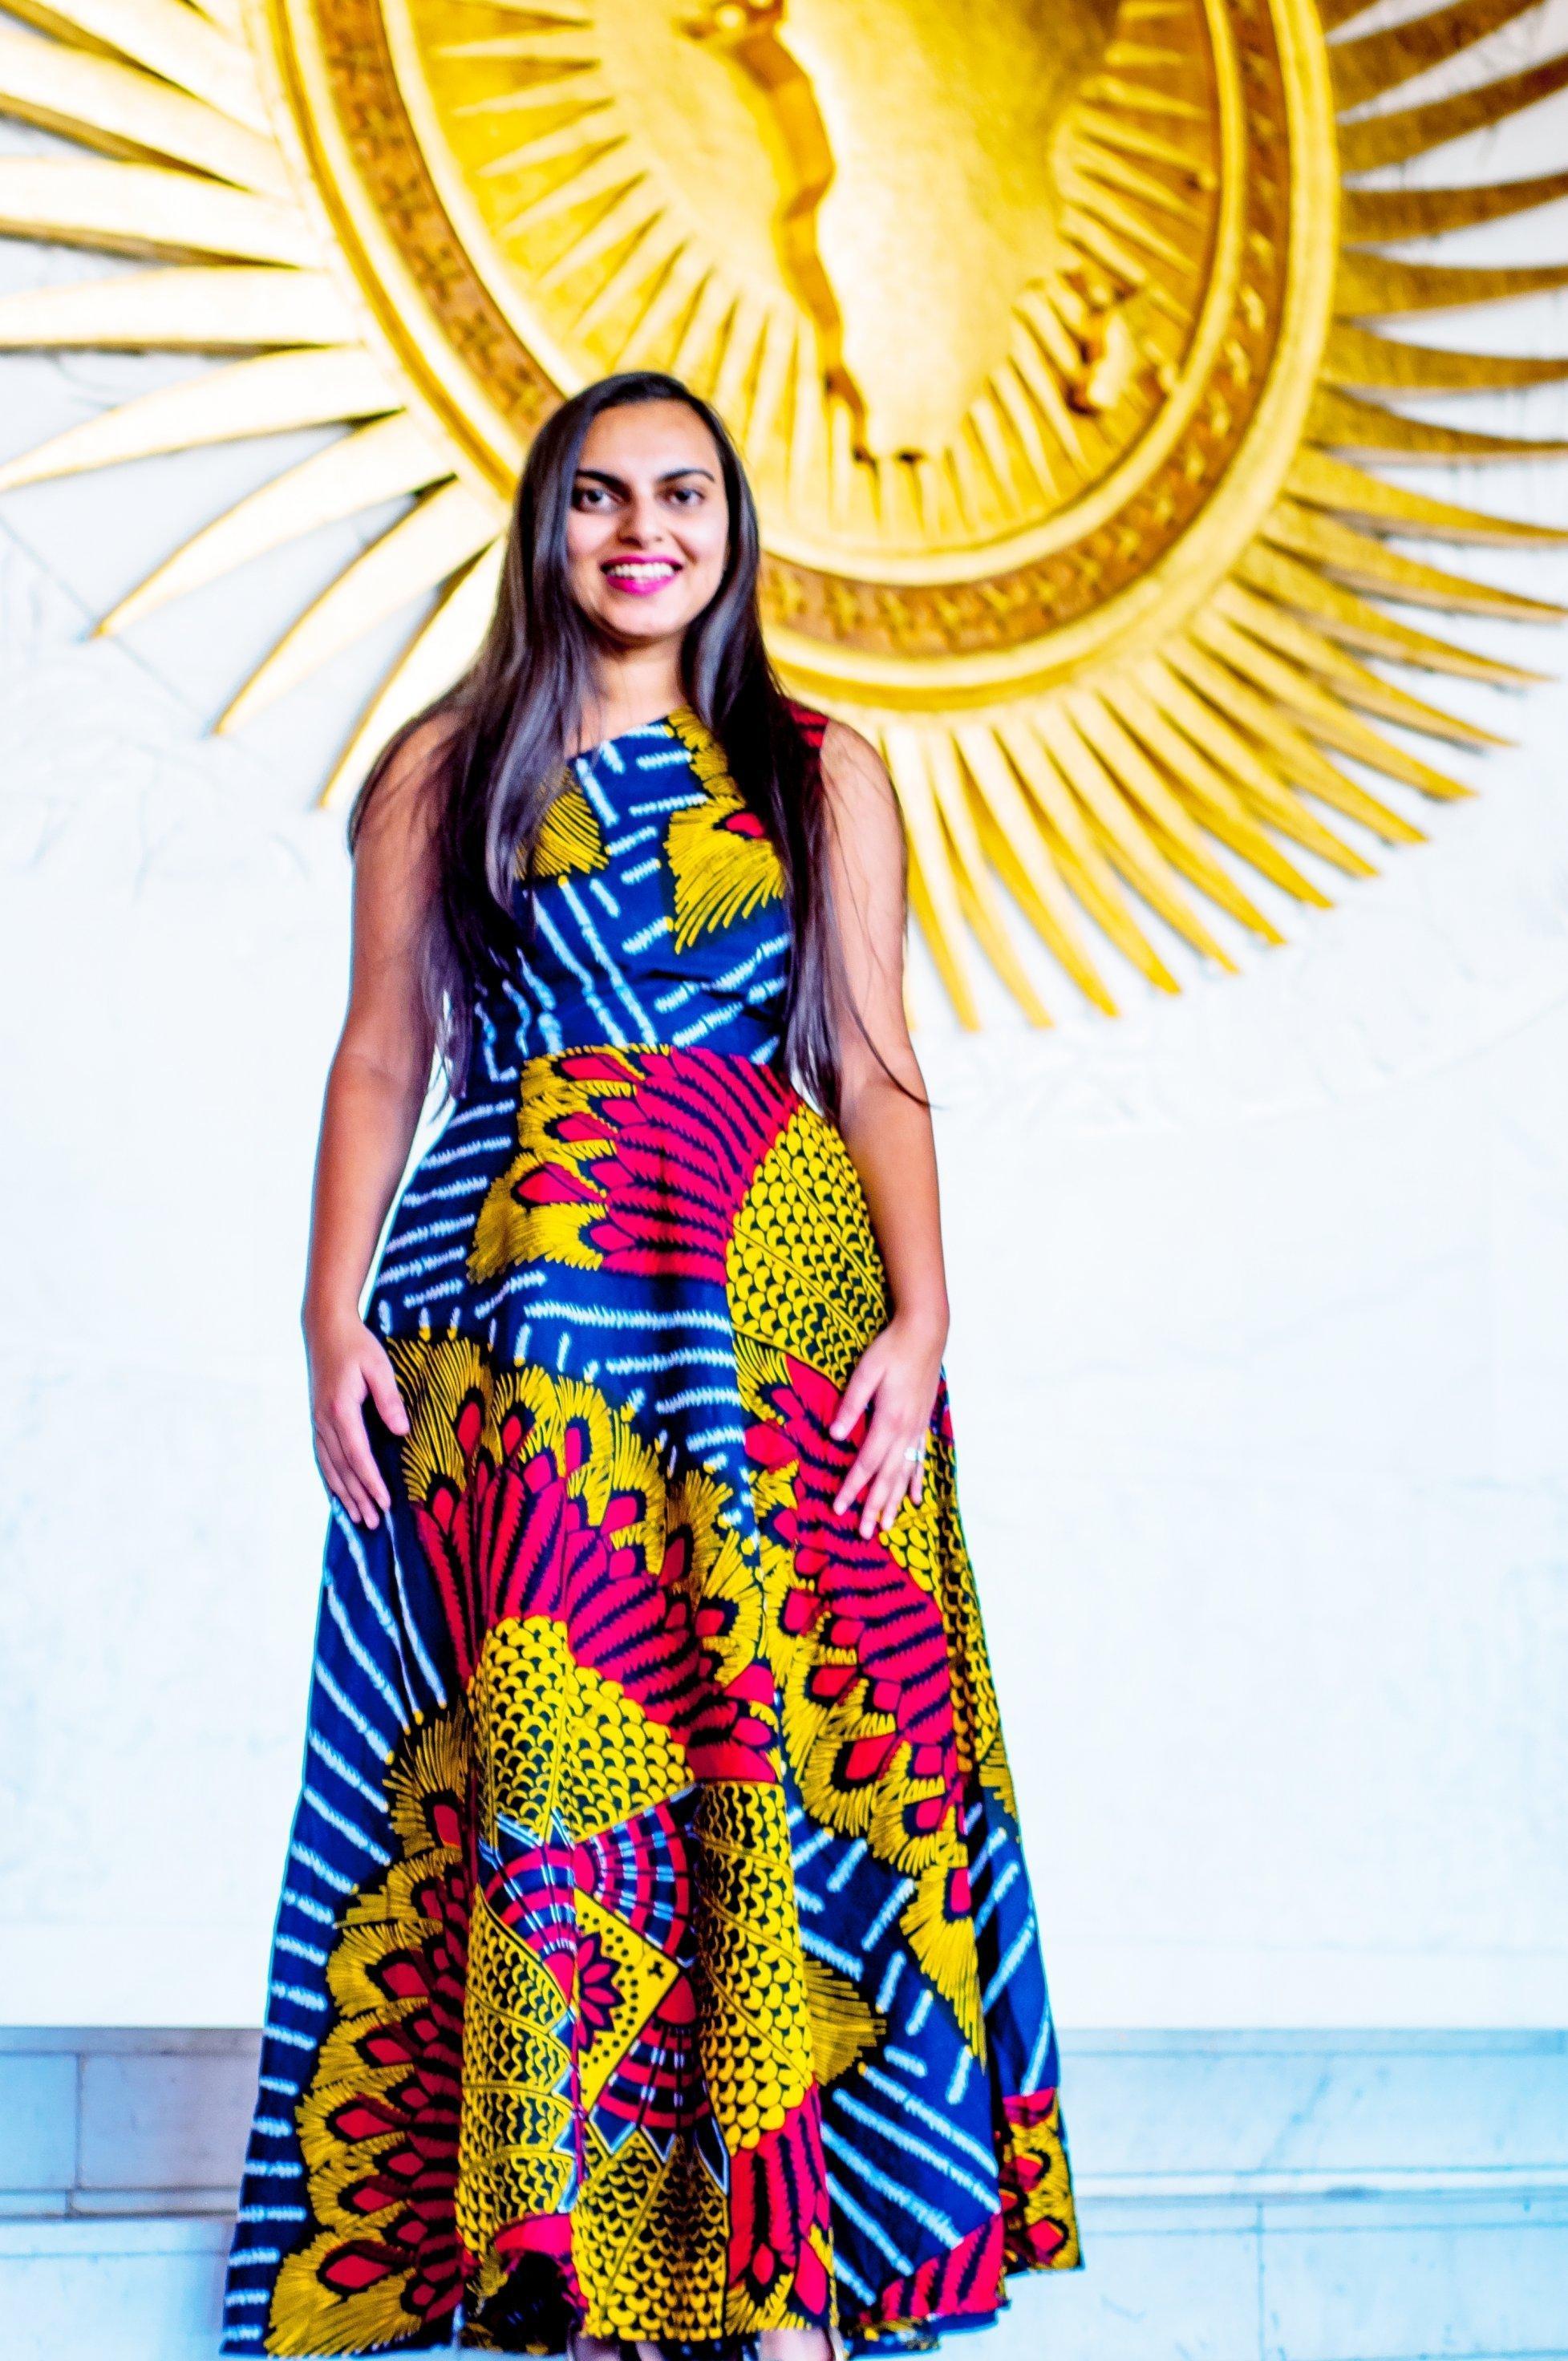 Das Bild zeigt die strahlende Gesundheitsexpertin Shakira Choonara vor dem Emblem der Afrikanischen Union.